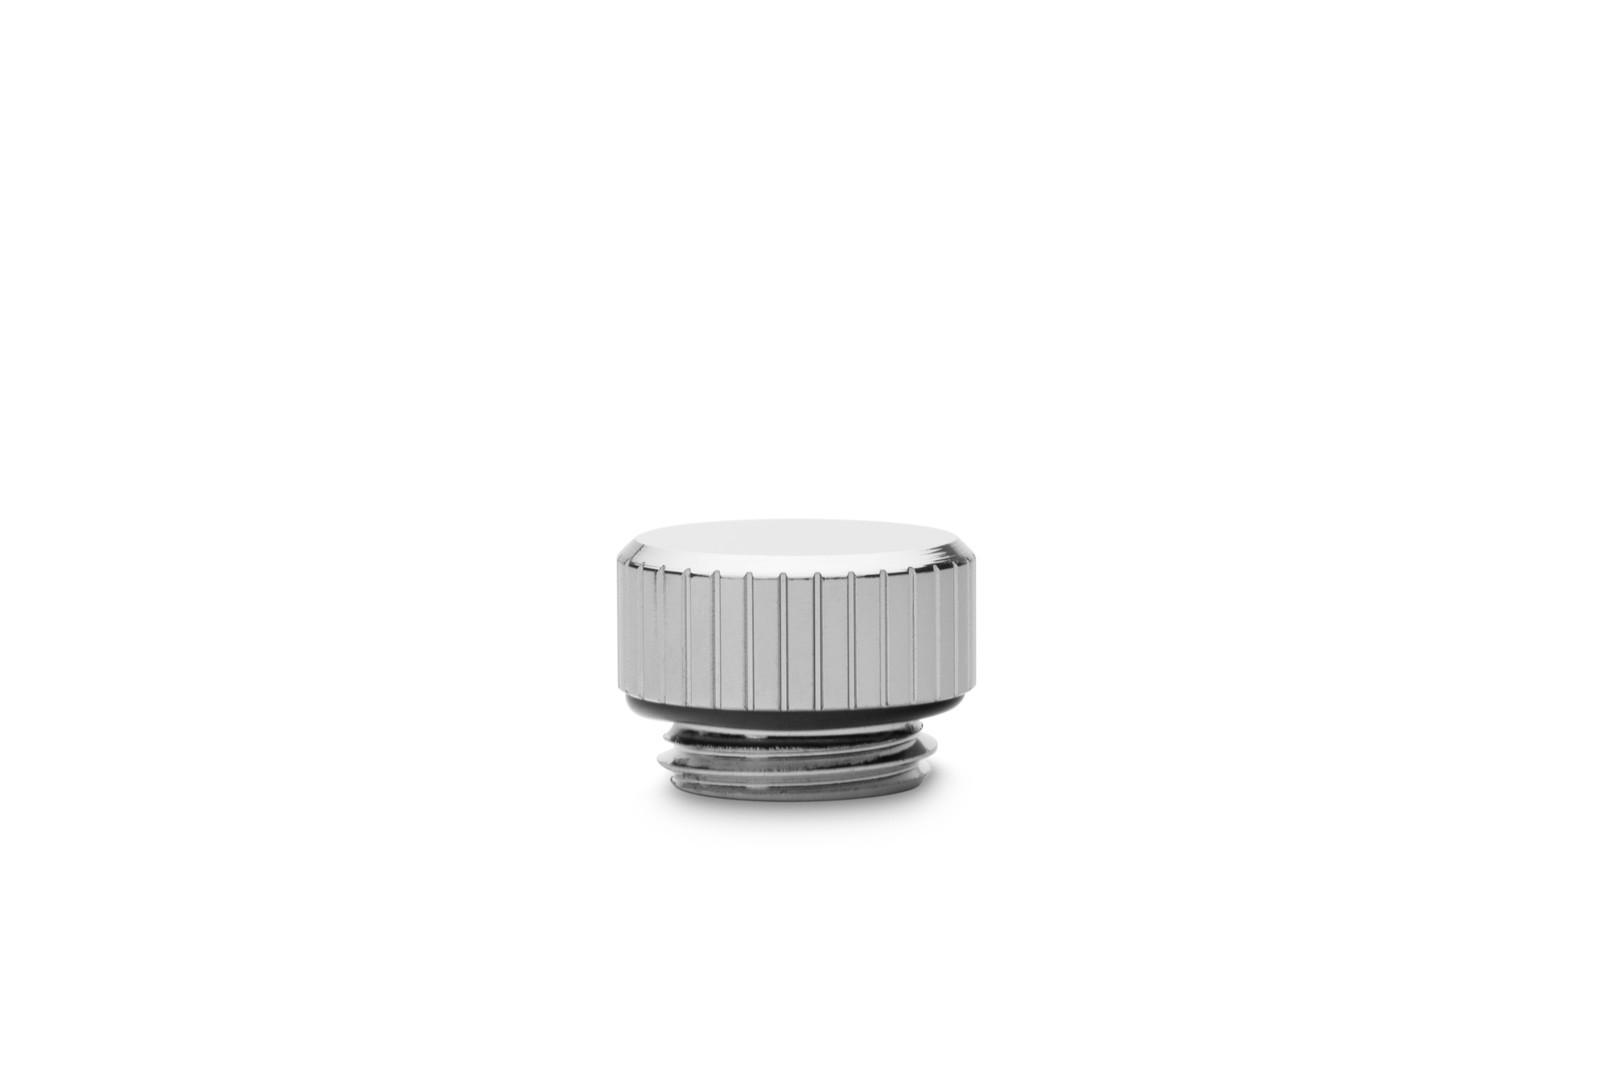 EK WaterBlocks EK-Quantum Torque Micro Plug - Nickel